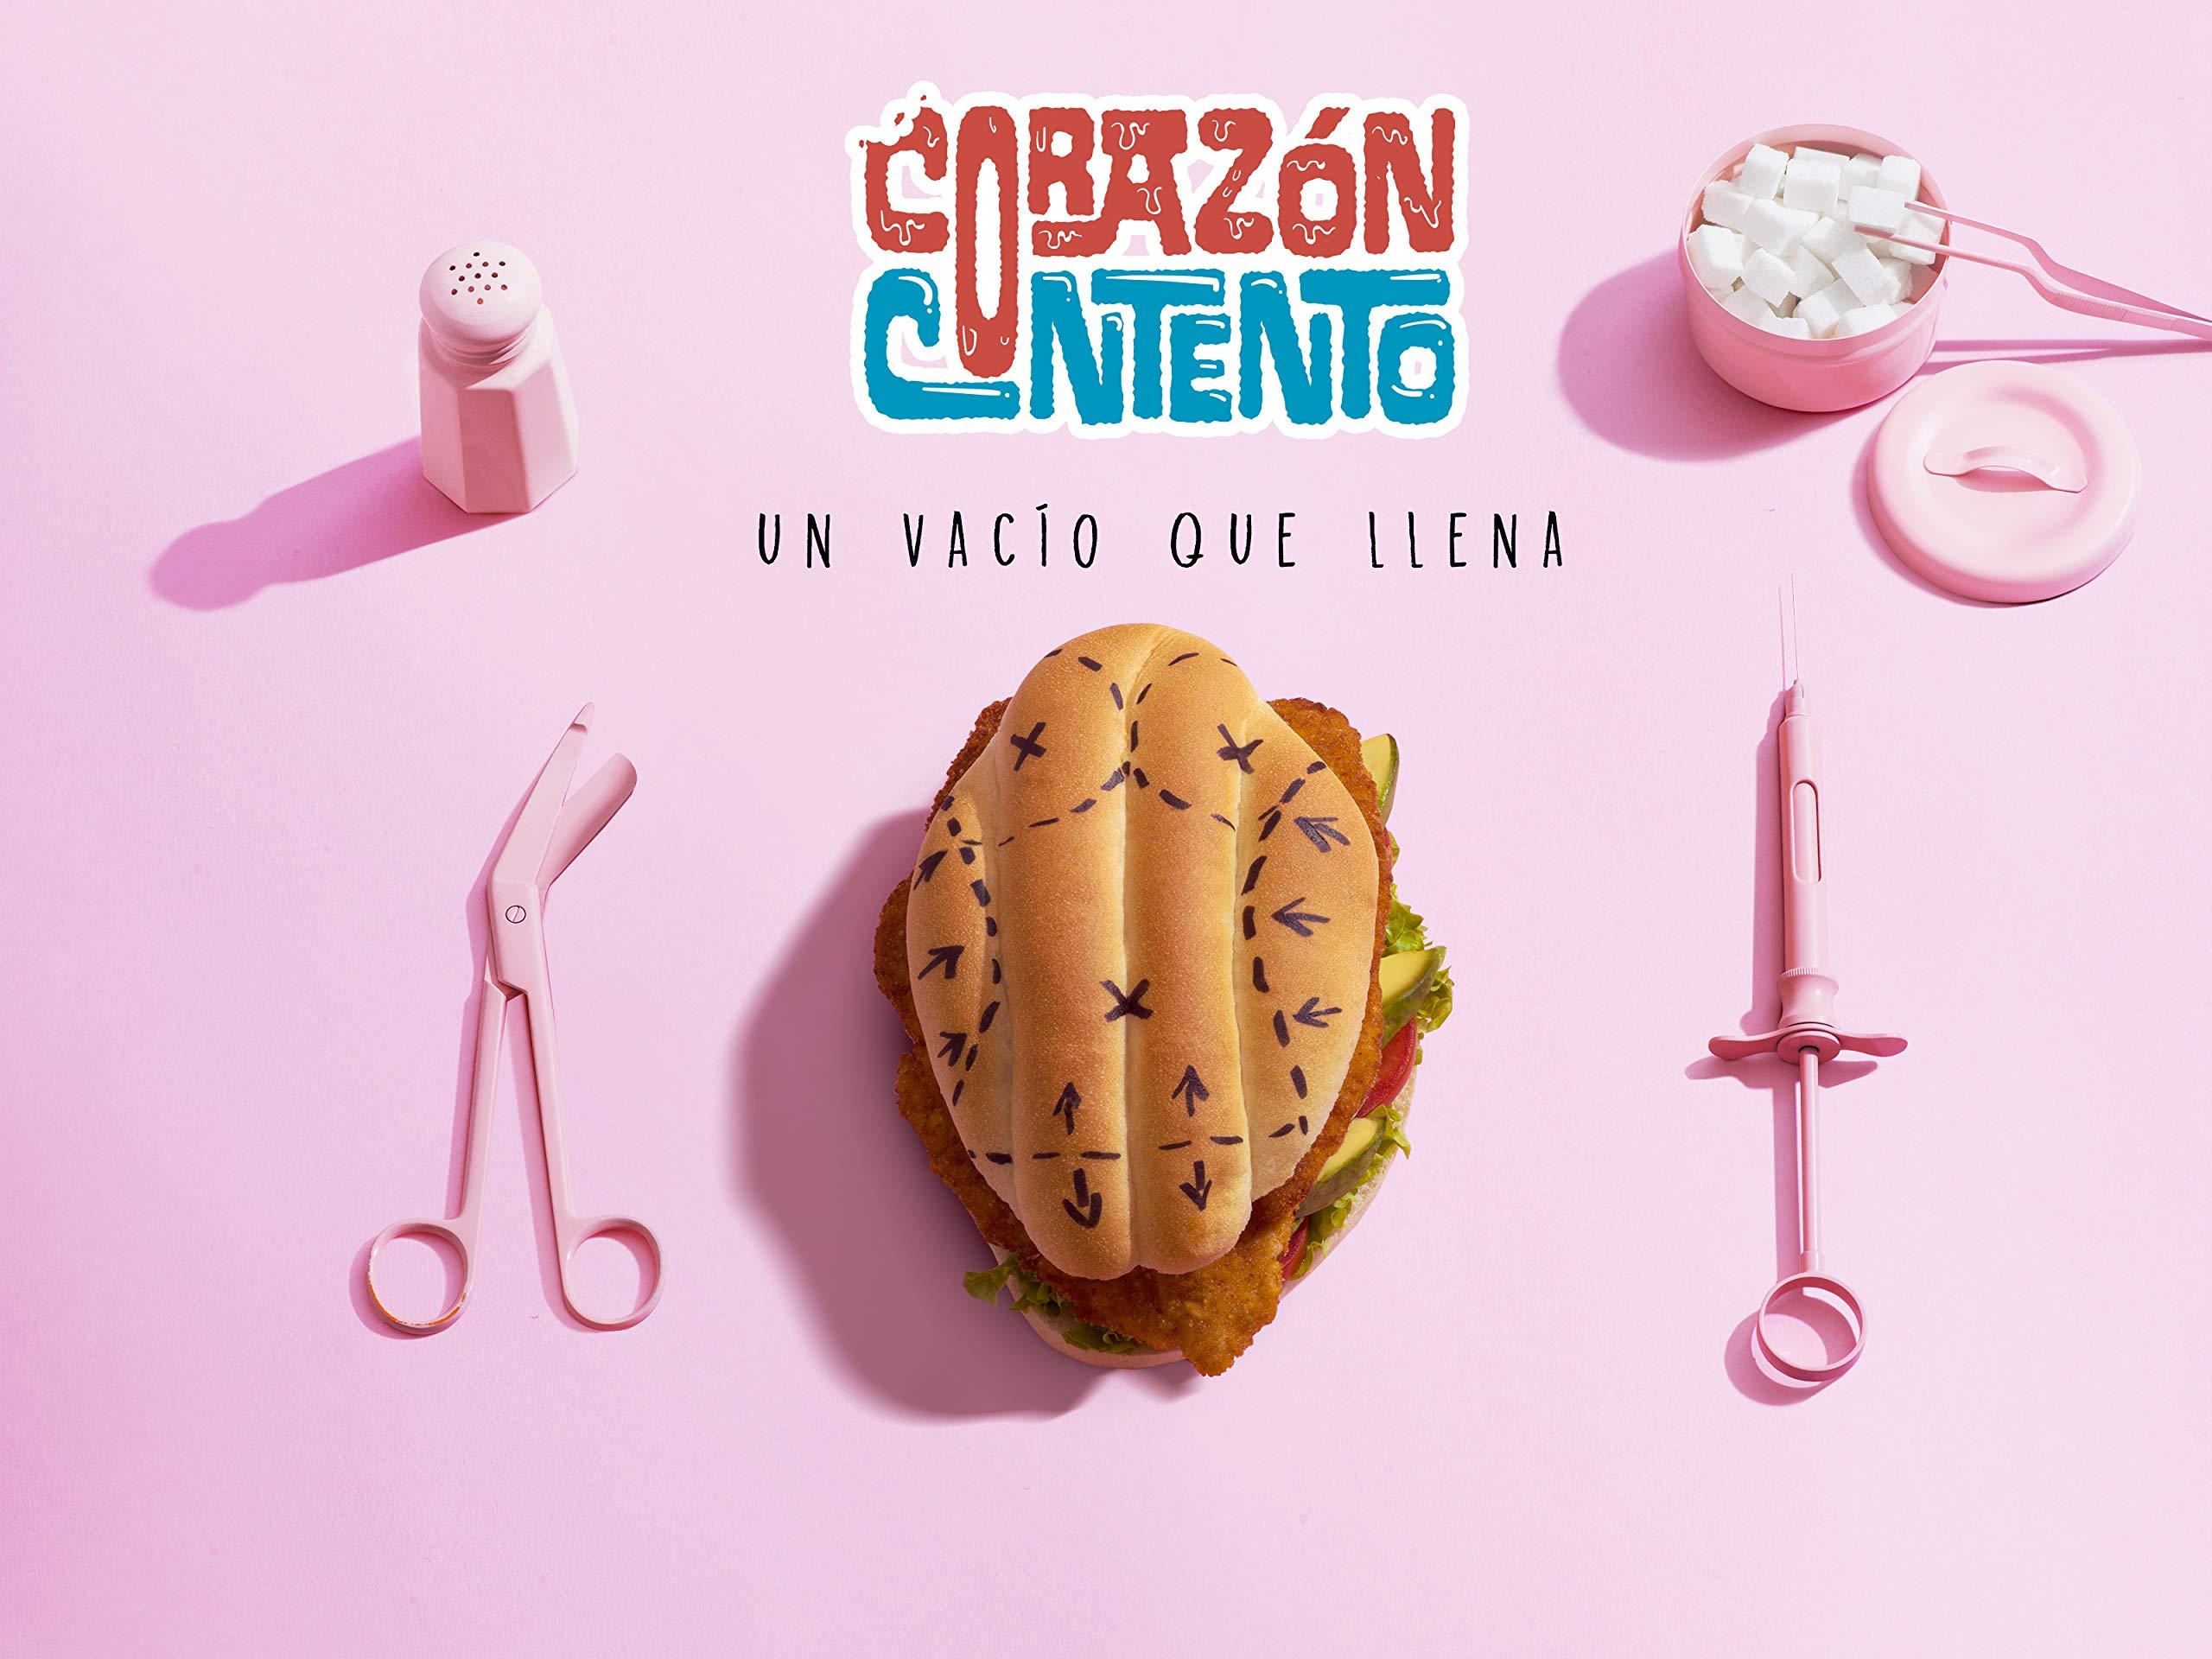 Amazon.com: Corazon Contento Season 1: Enrique Altamira ...